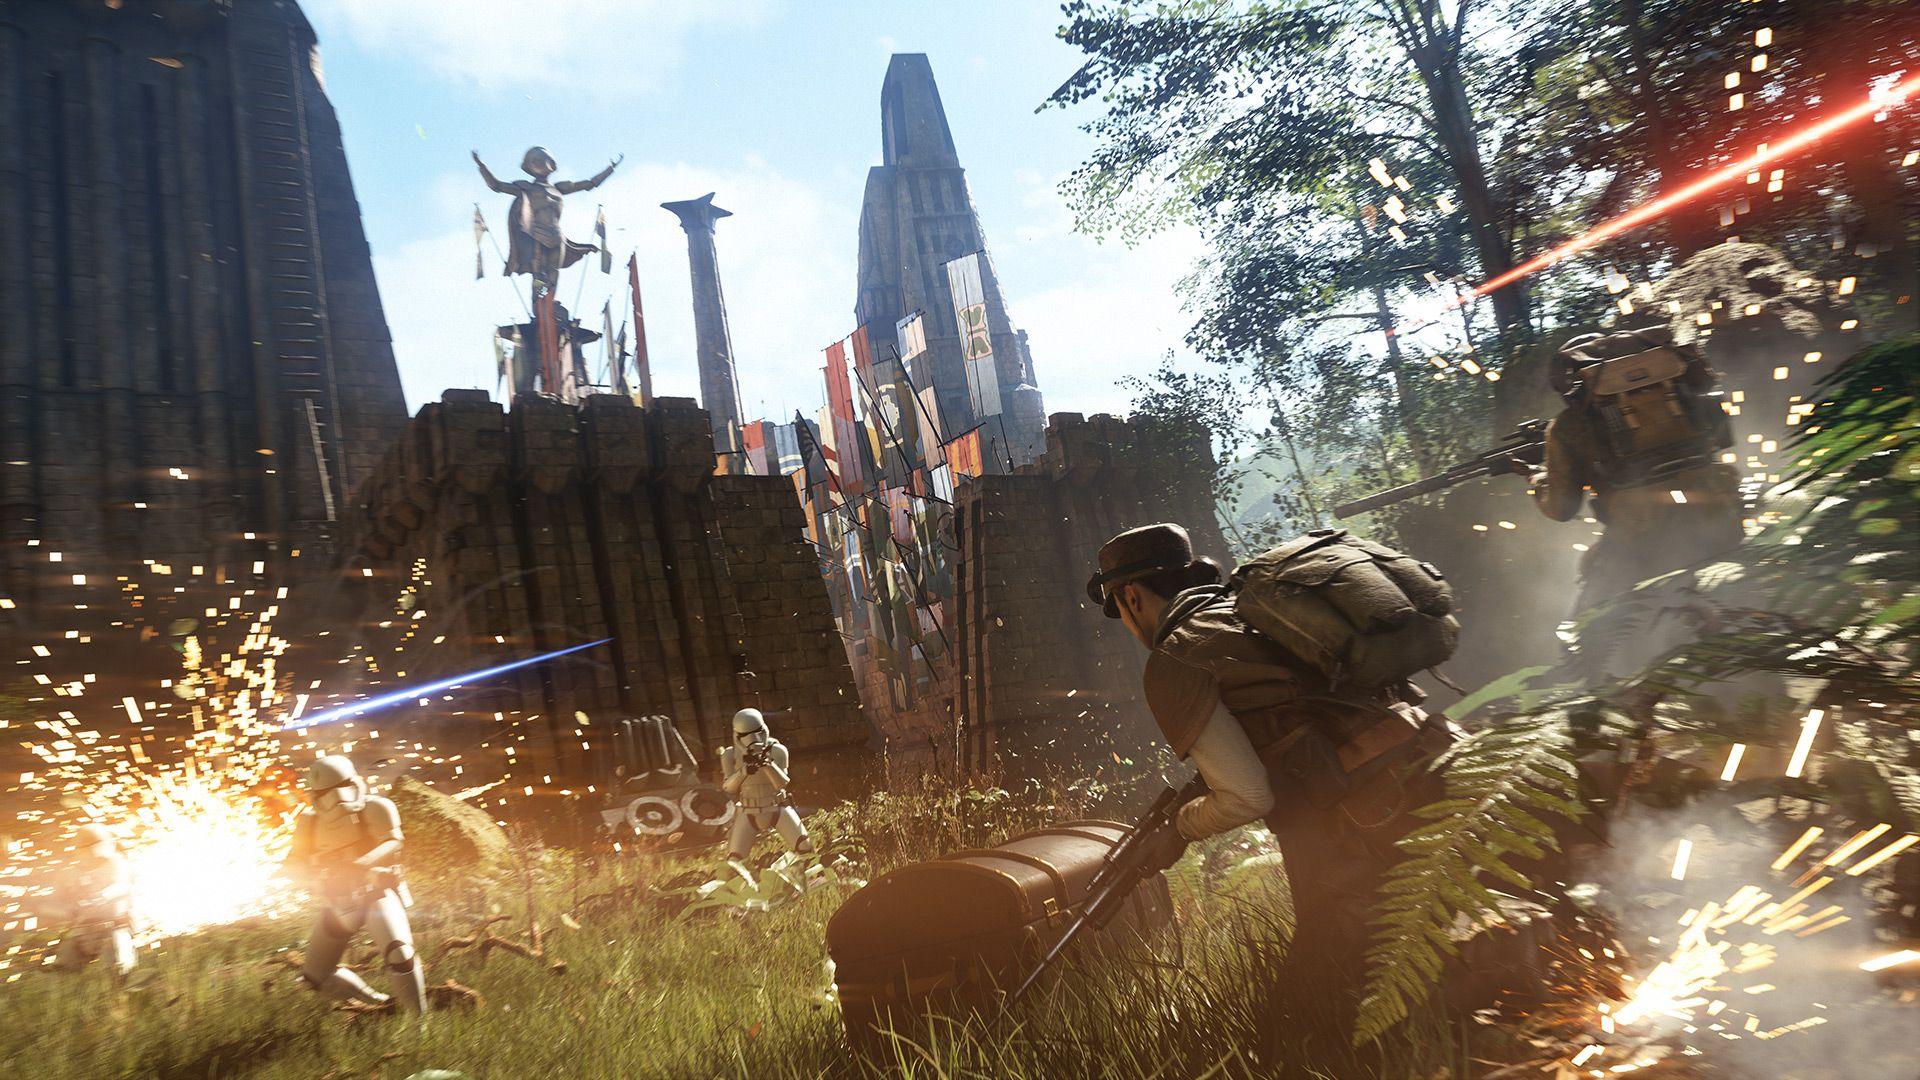 Old star wars battlefront 2 pc download